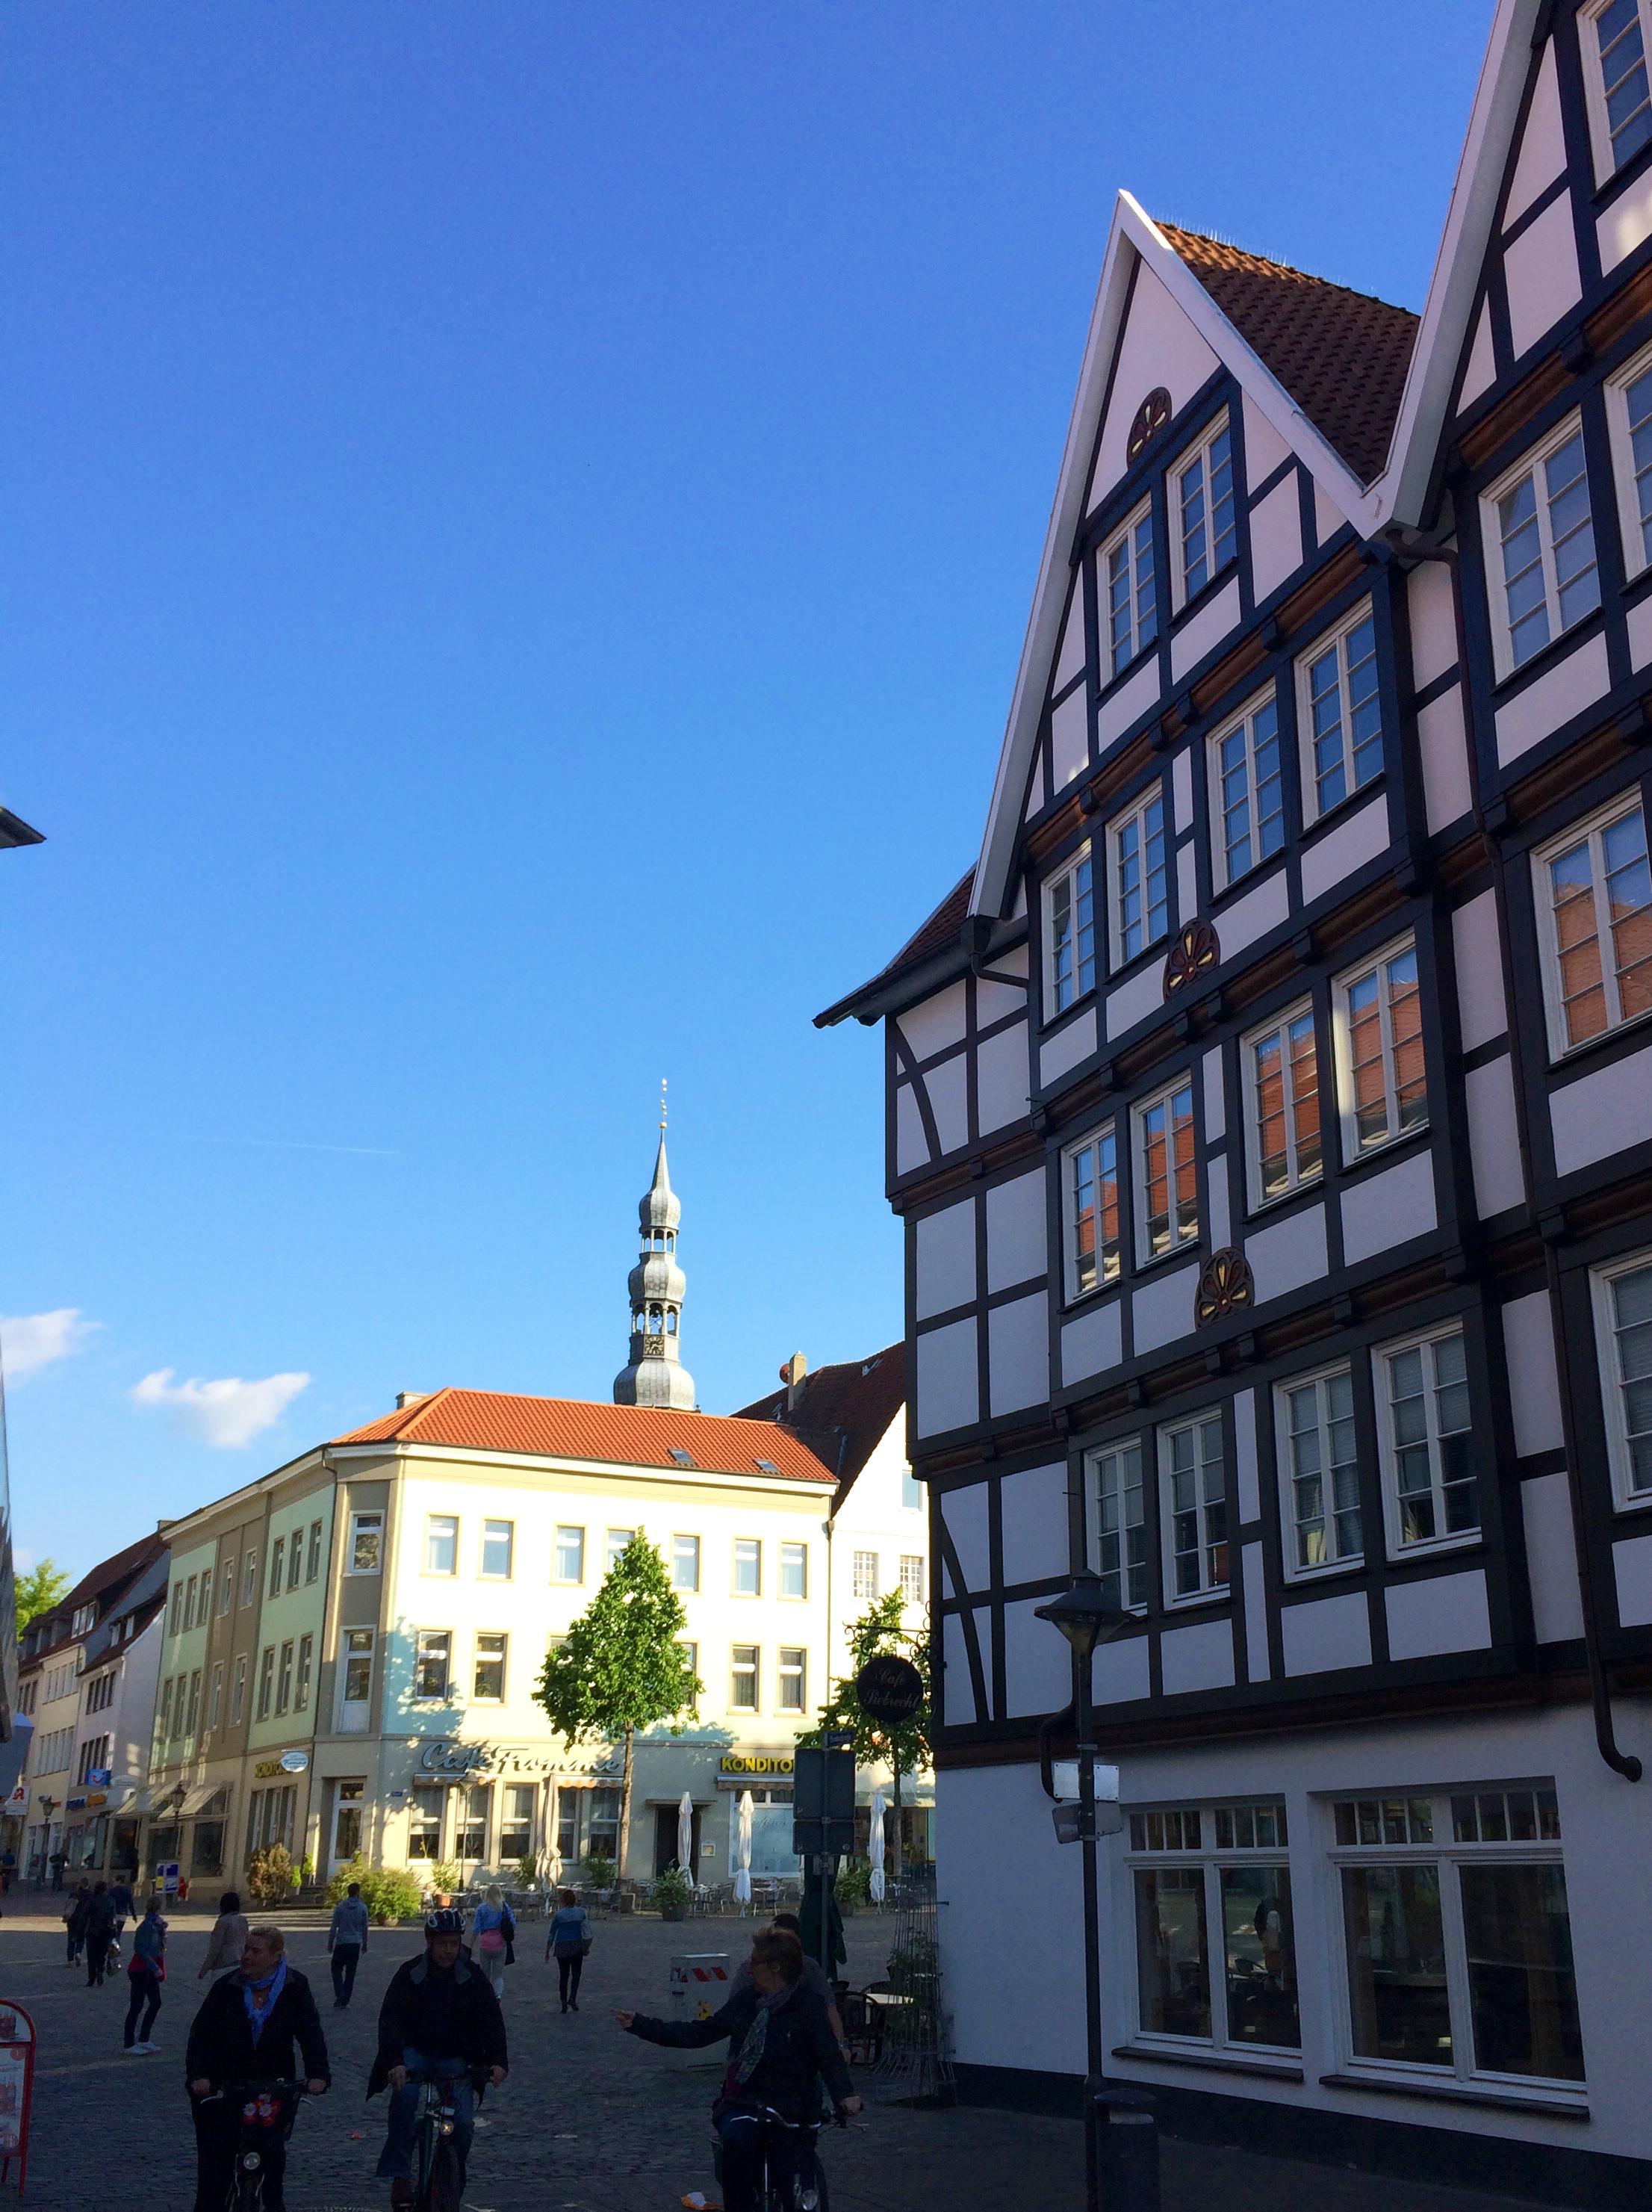 Innenstadt mit der schönen Altstadt am Marktplatz von Soest mit Häuserfronten